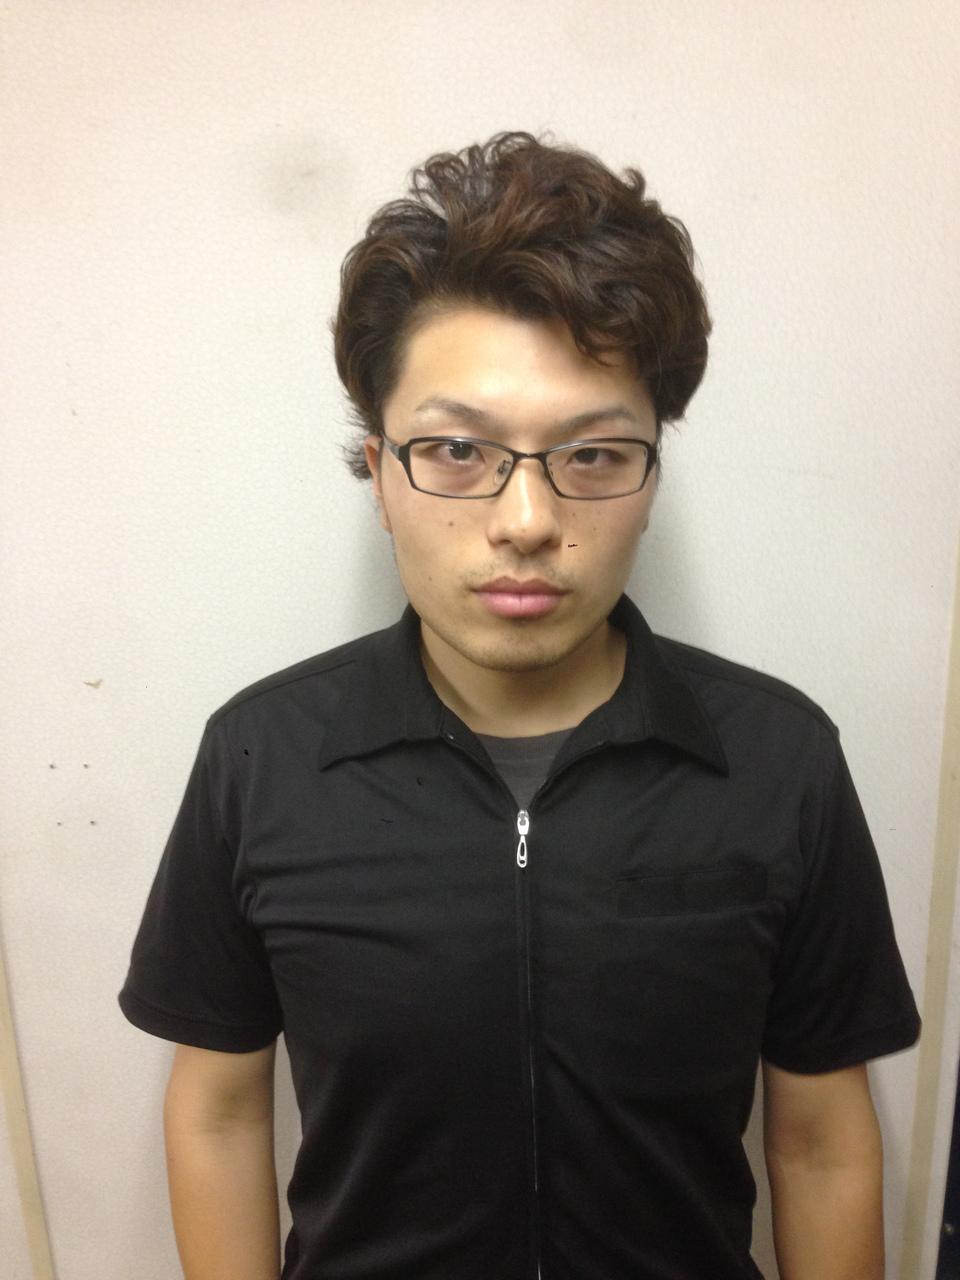 鈴木光司 サッカー